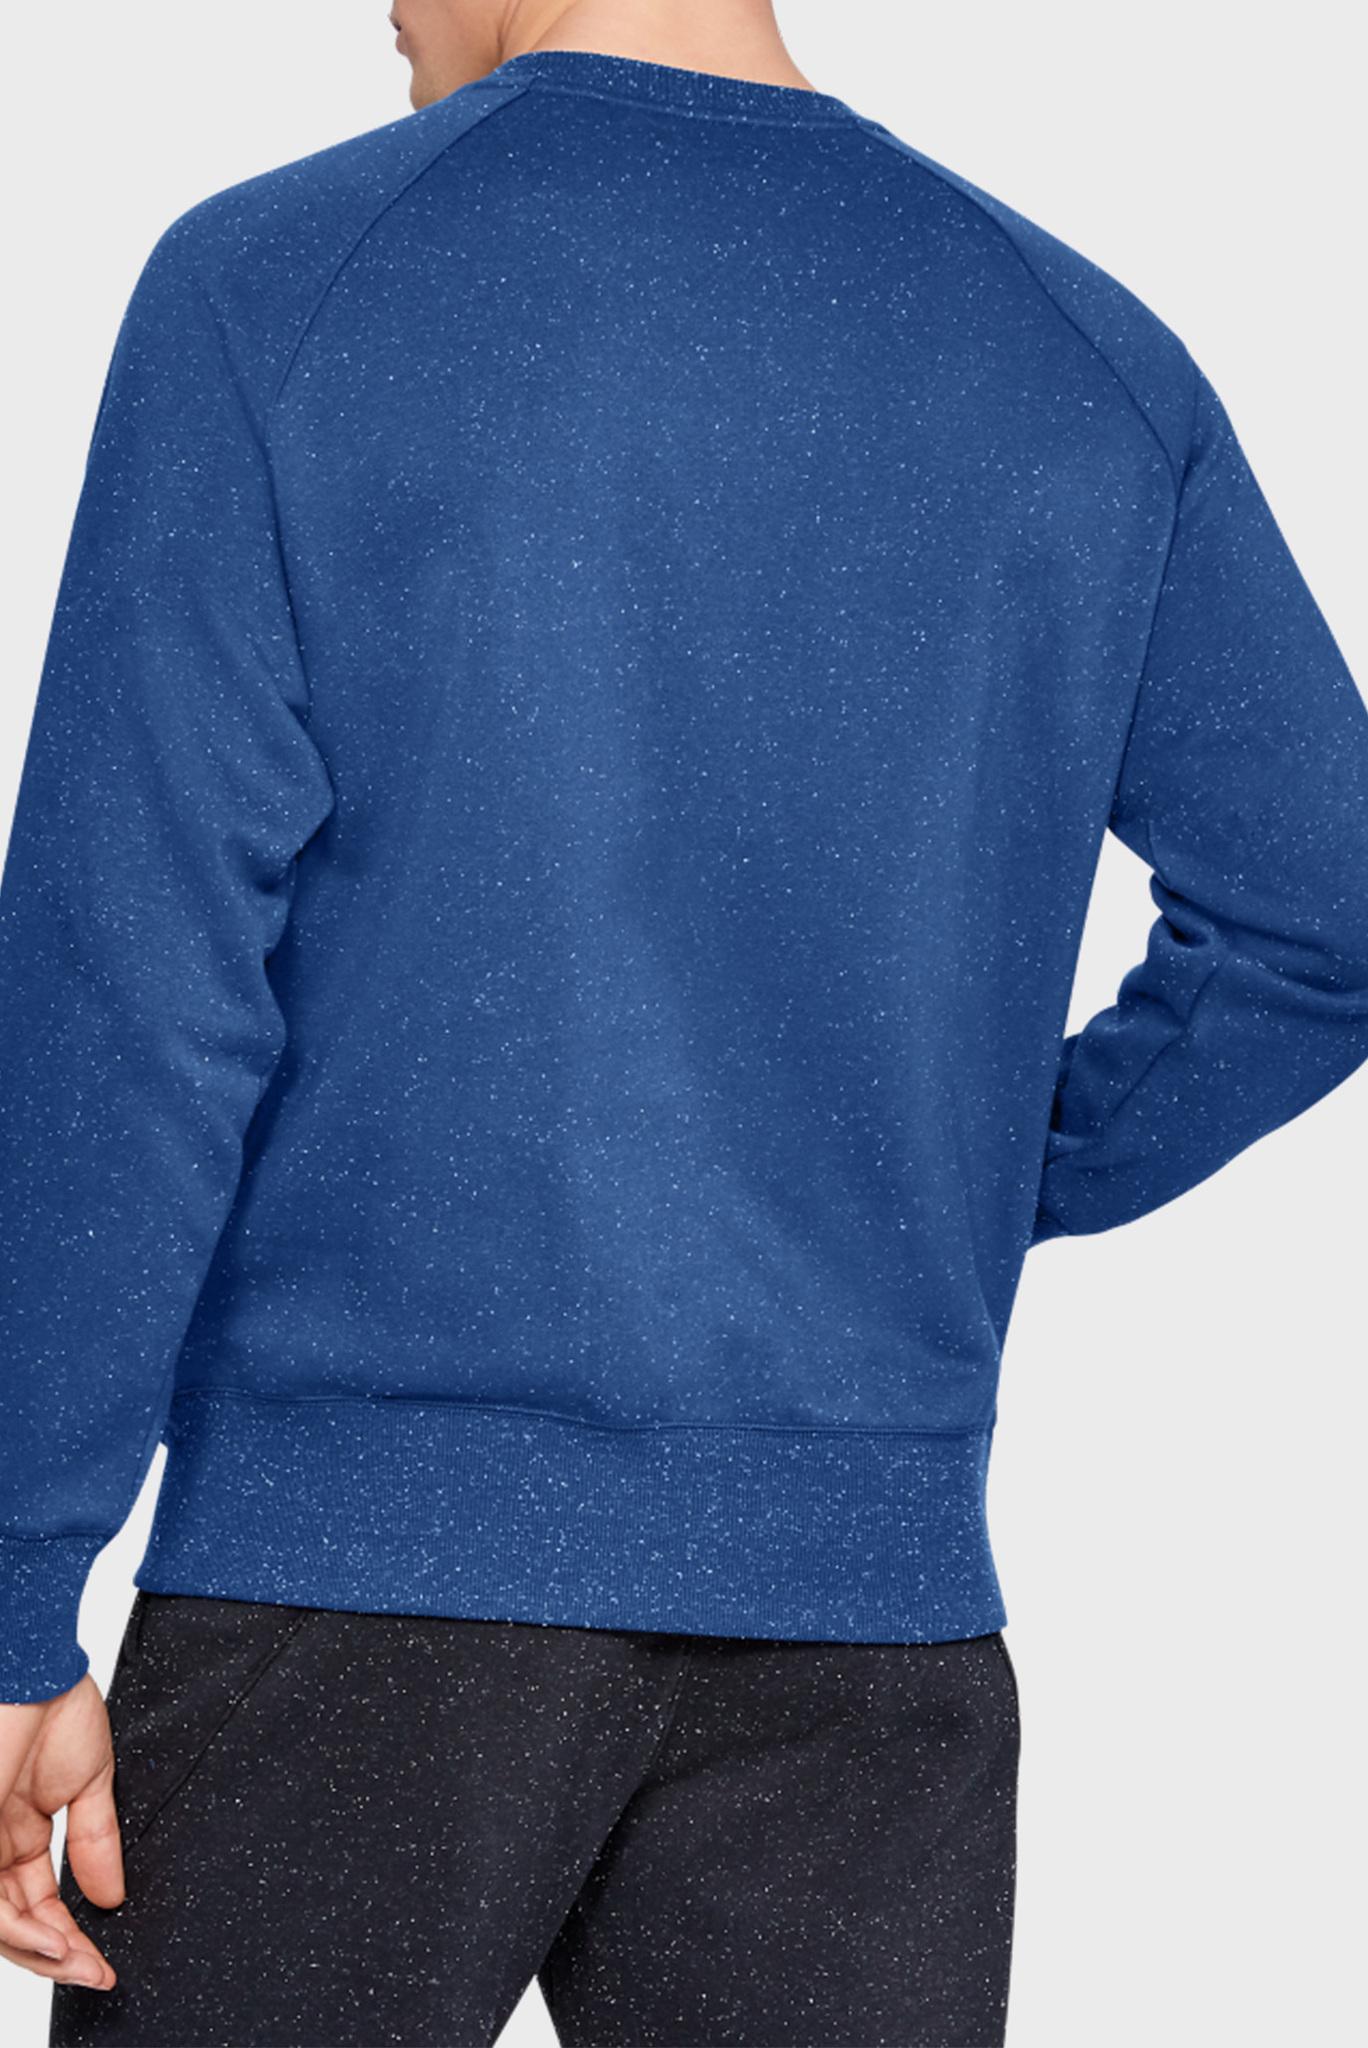 Мужской синий спортивный свитшот SPECKLED FLEECE CREW Under Armour